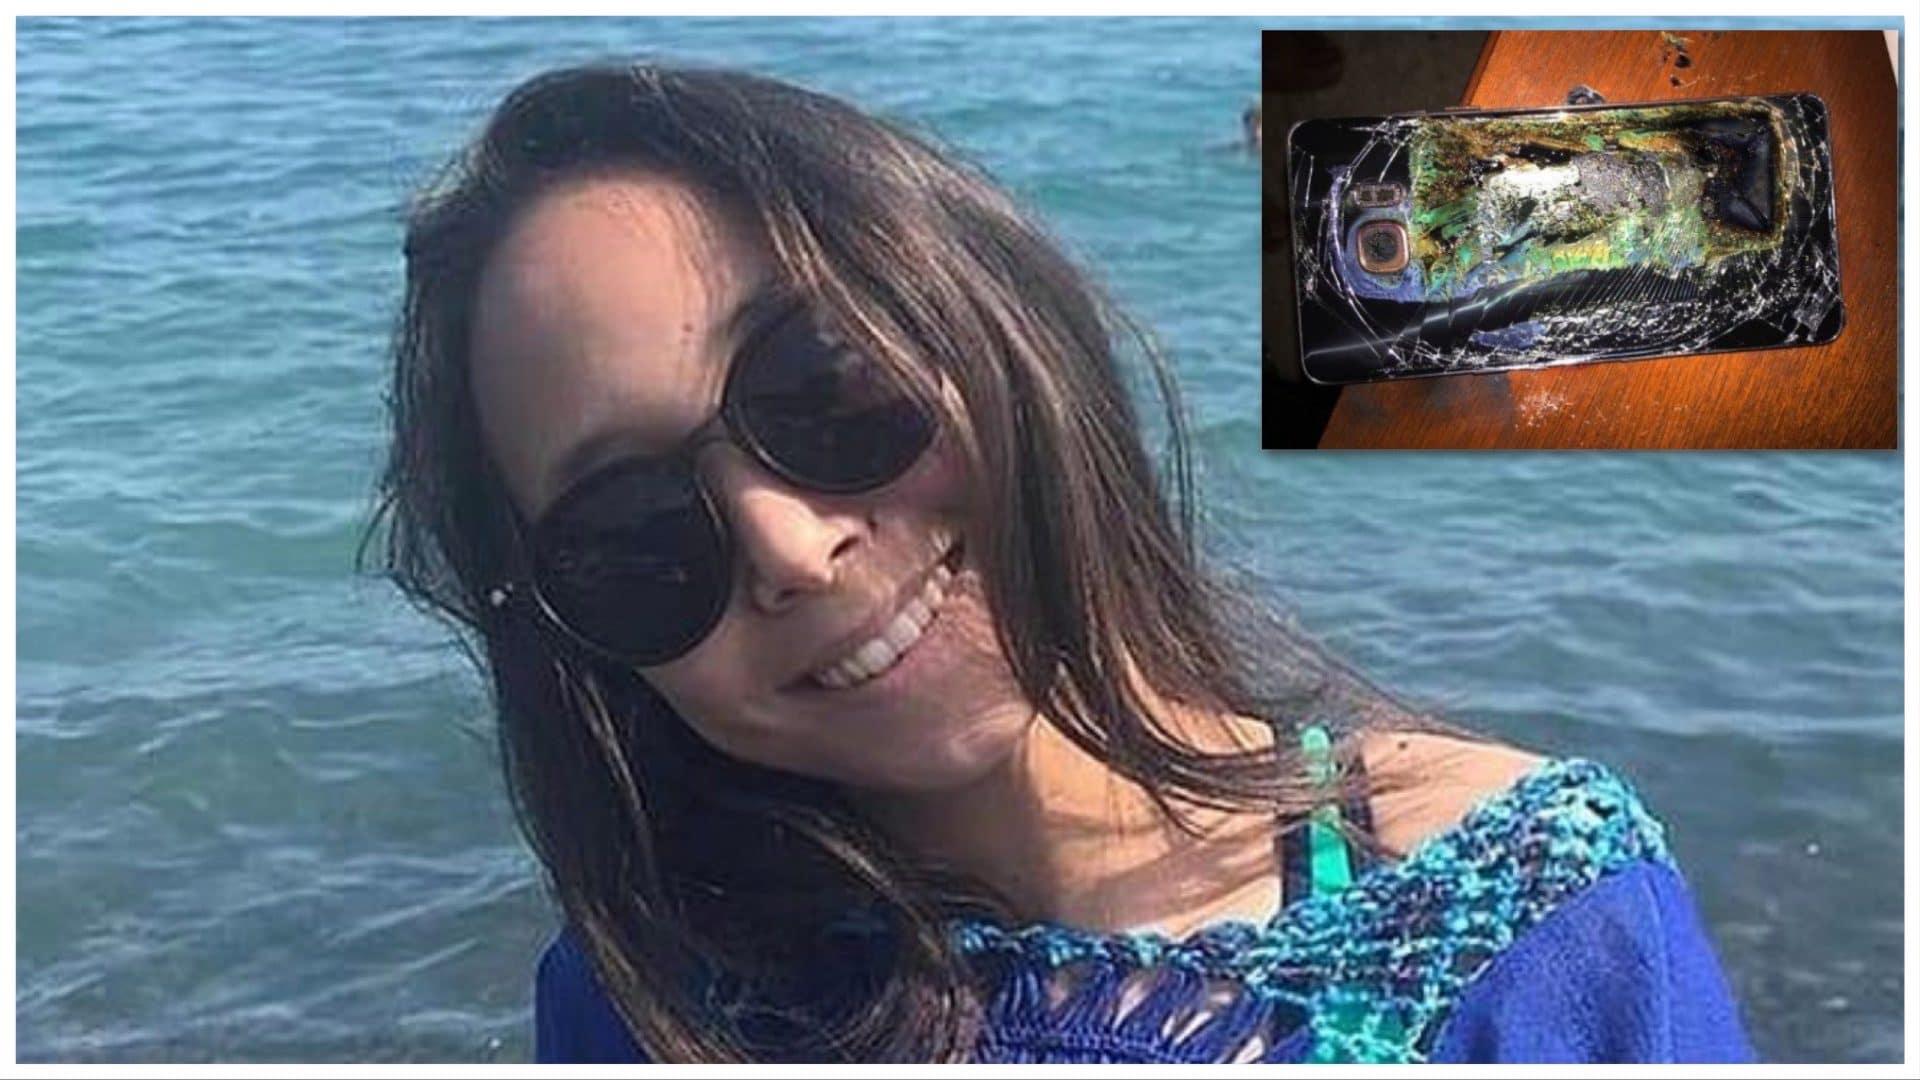 Lo smartphone sul cuscino, muore studentessa